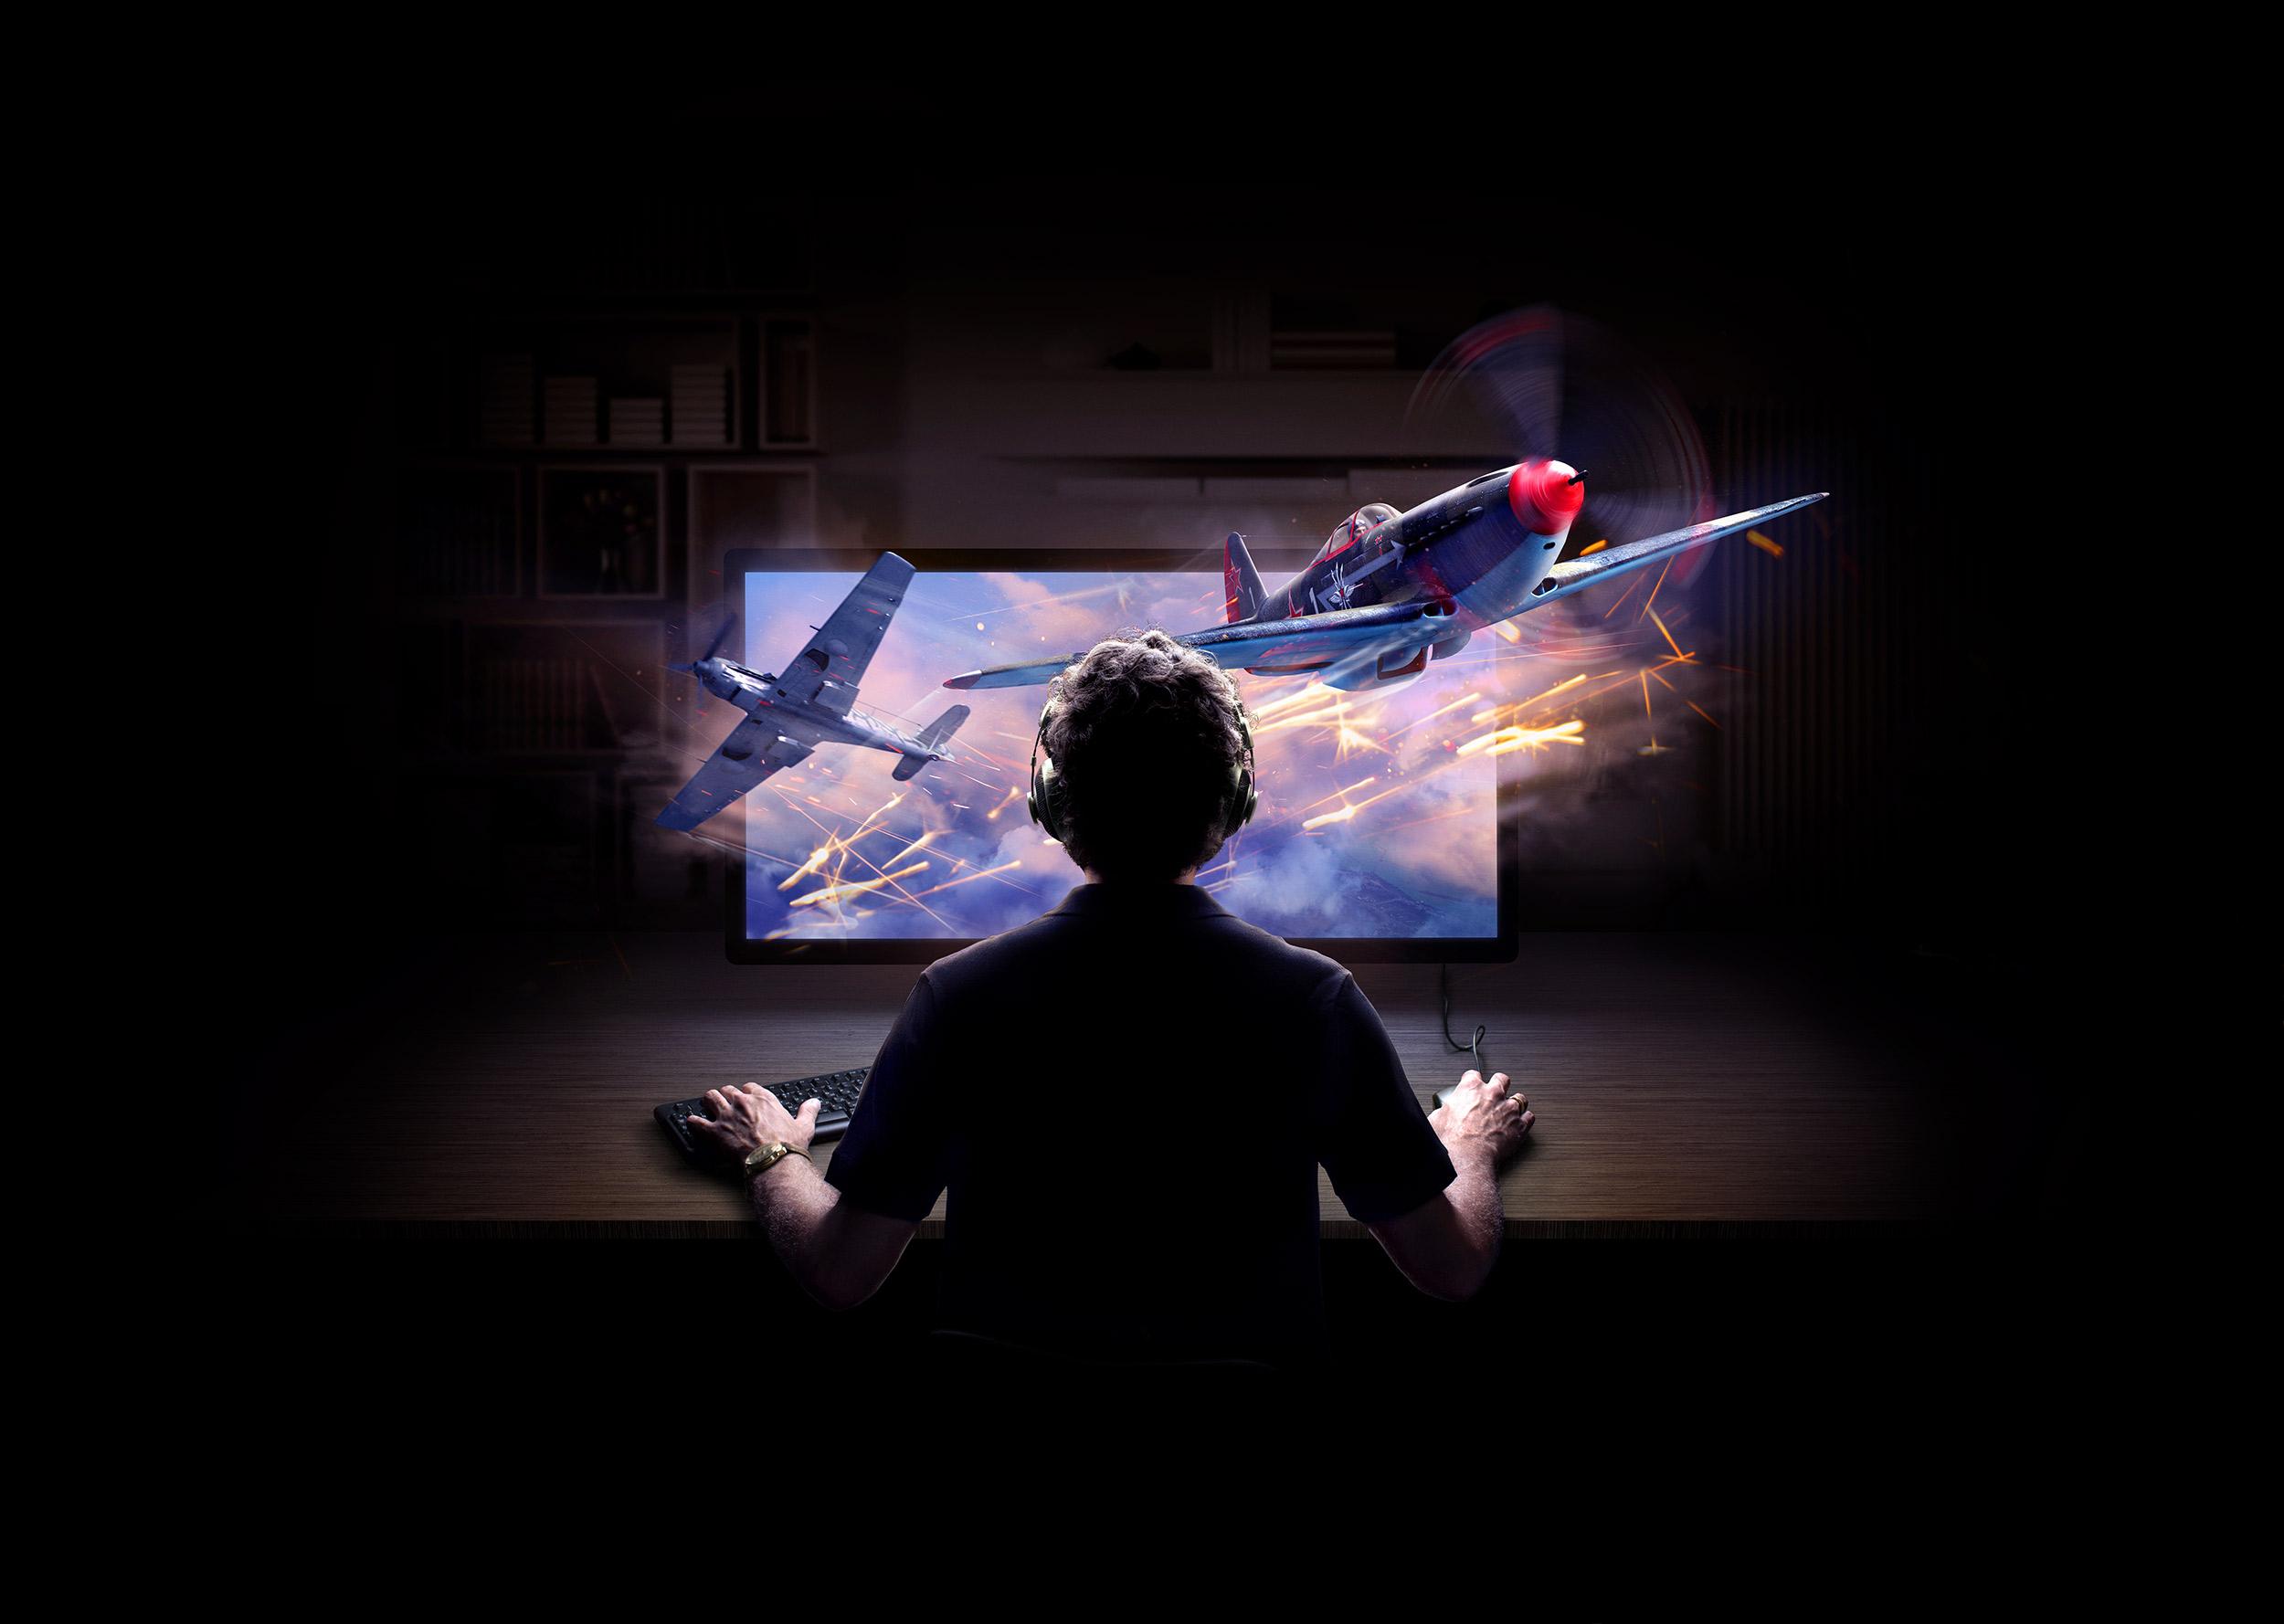 «Игровой» идёт на взлёт: абонентам «Ростелекома» стал доступен эксклюзивный истребитель Як-3Т в World o fWarplanes